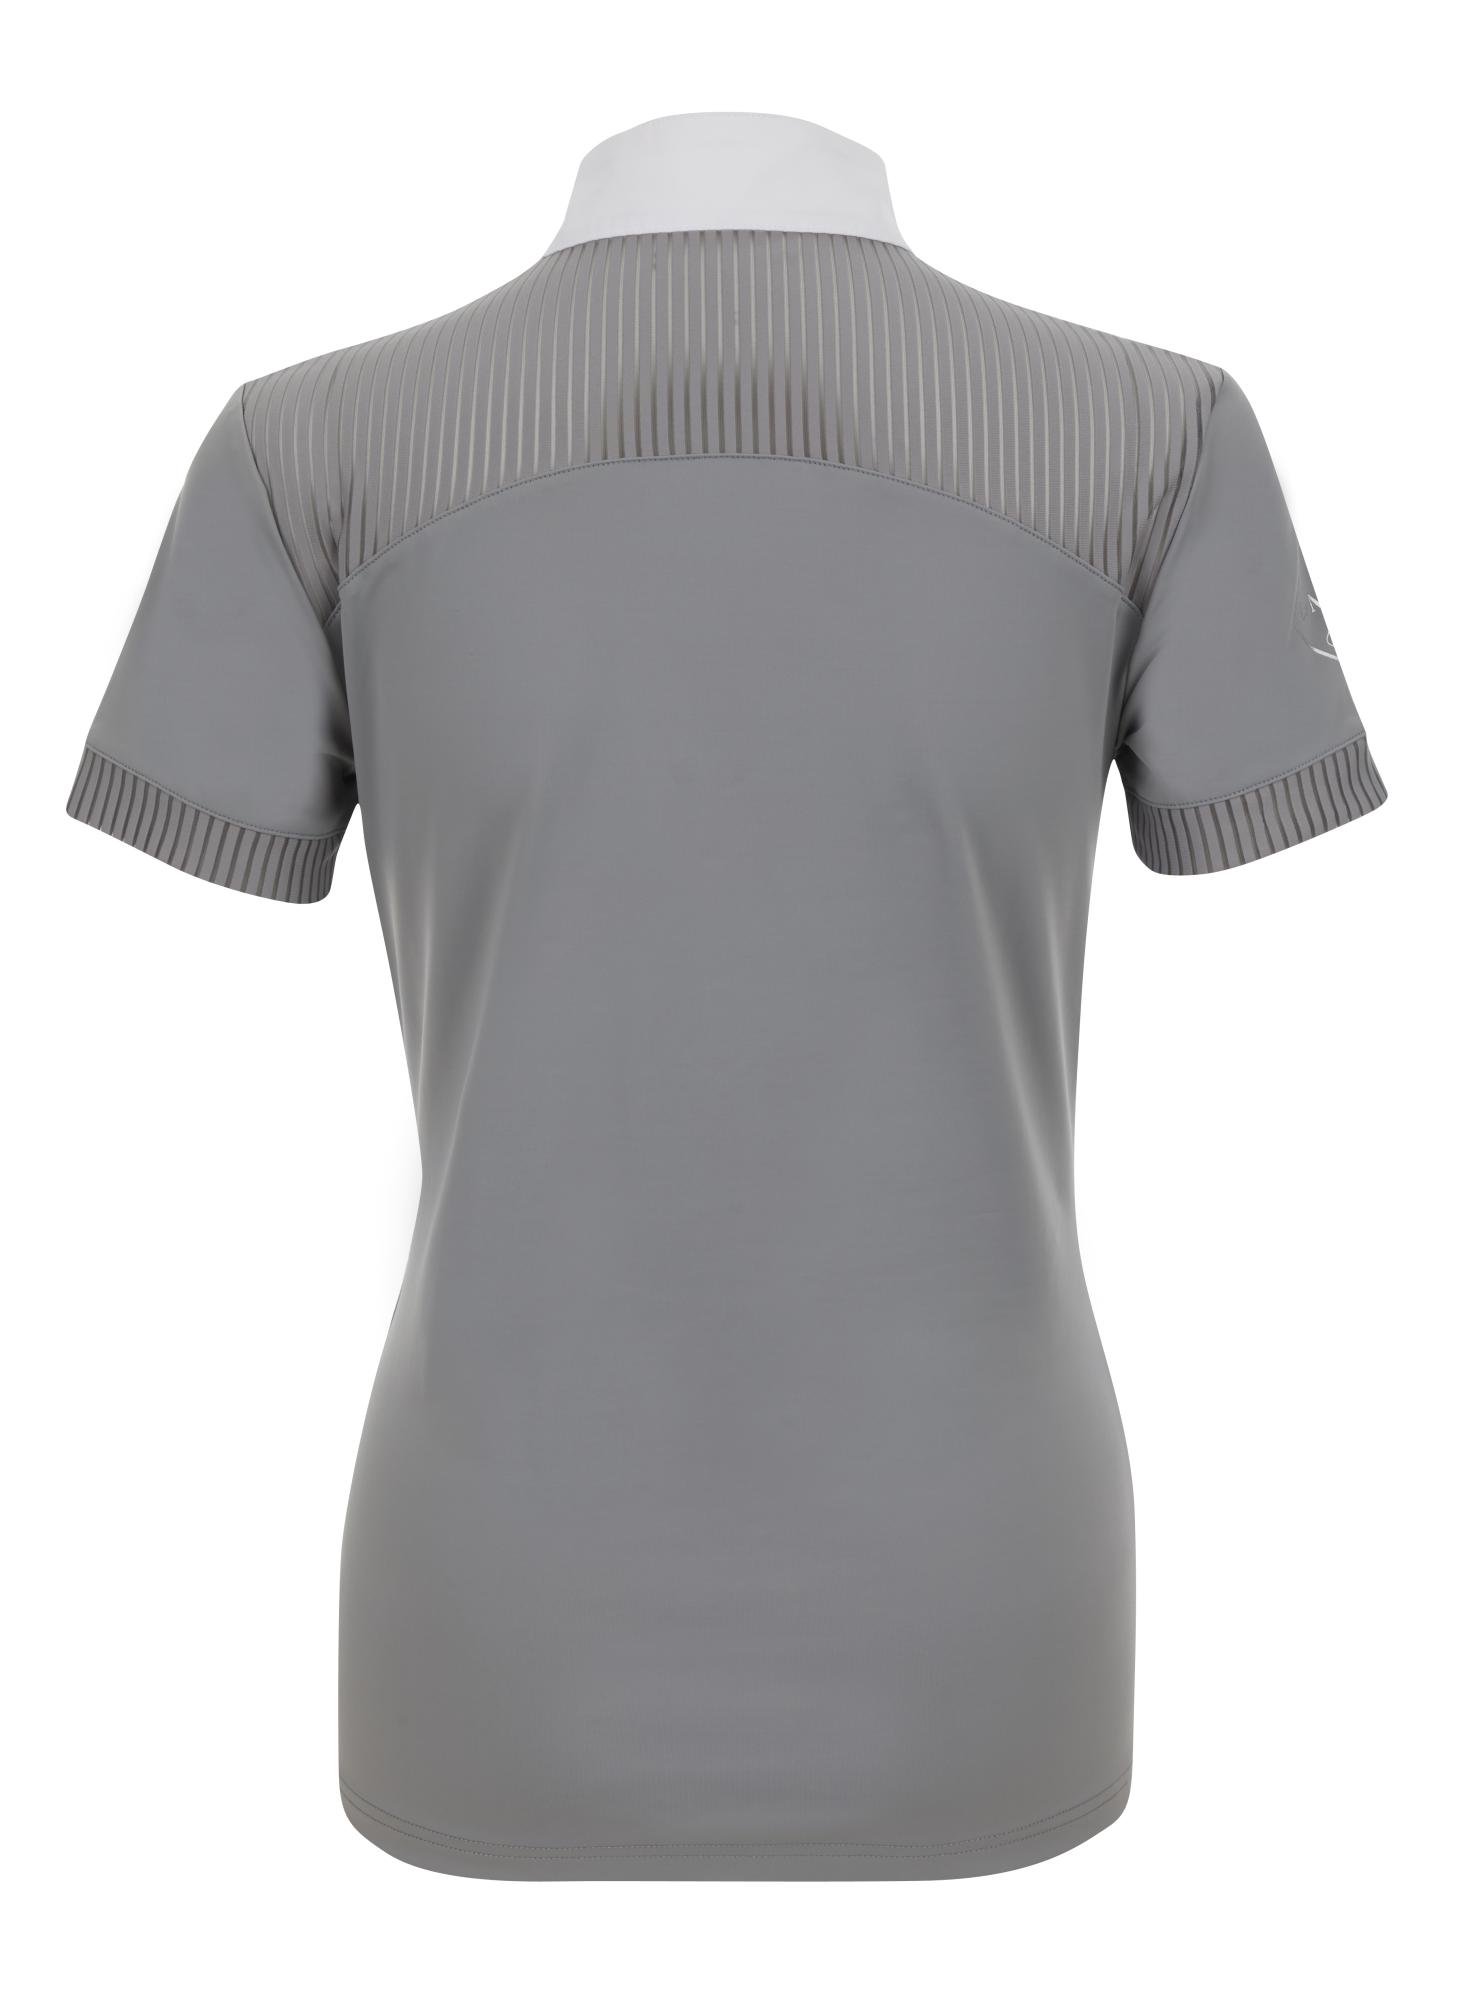 Lemieux Mein Lemieux Adrina Damen Show Show Show Shirt - Grau  | eine große Vielfalt  | Niedriger Preis und gute Qualität  | Deutsche Outlets  d1ca8c